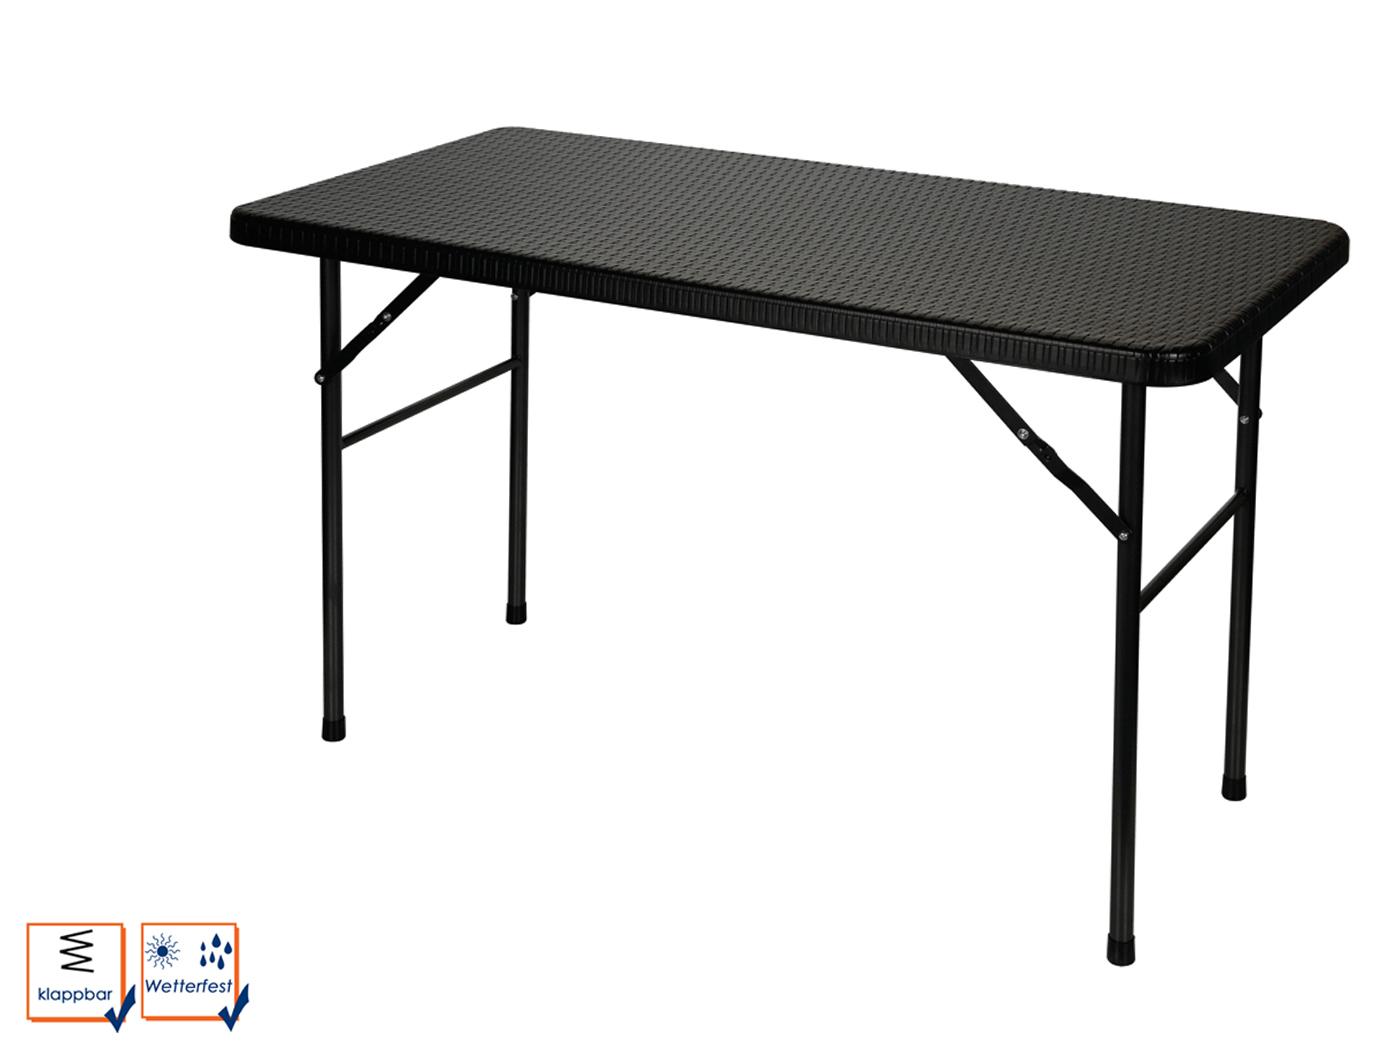 Kmh teak klapptisch 120 cm rund esstisch gartentisch for Esstisch 120x70 ausziehbar